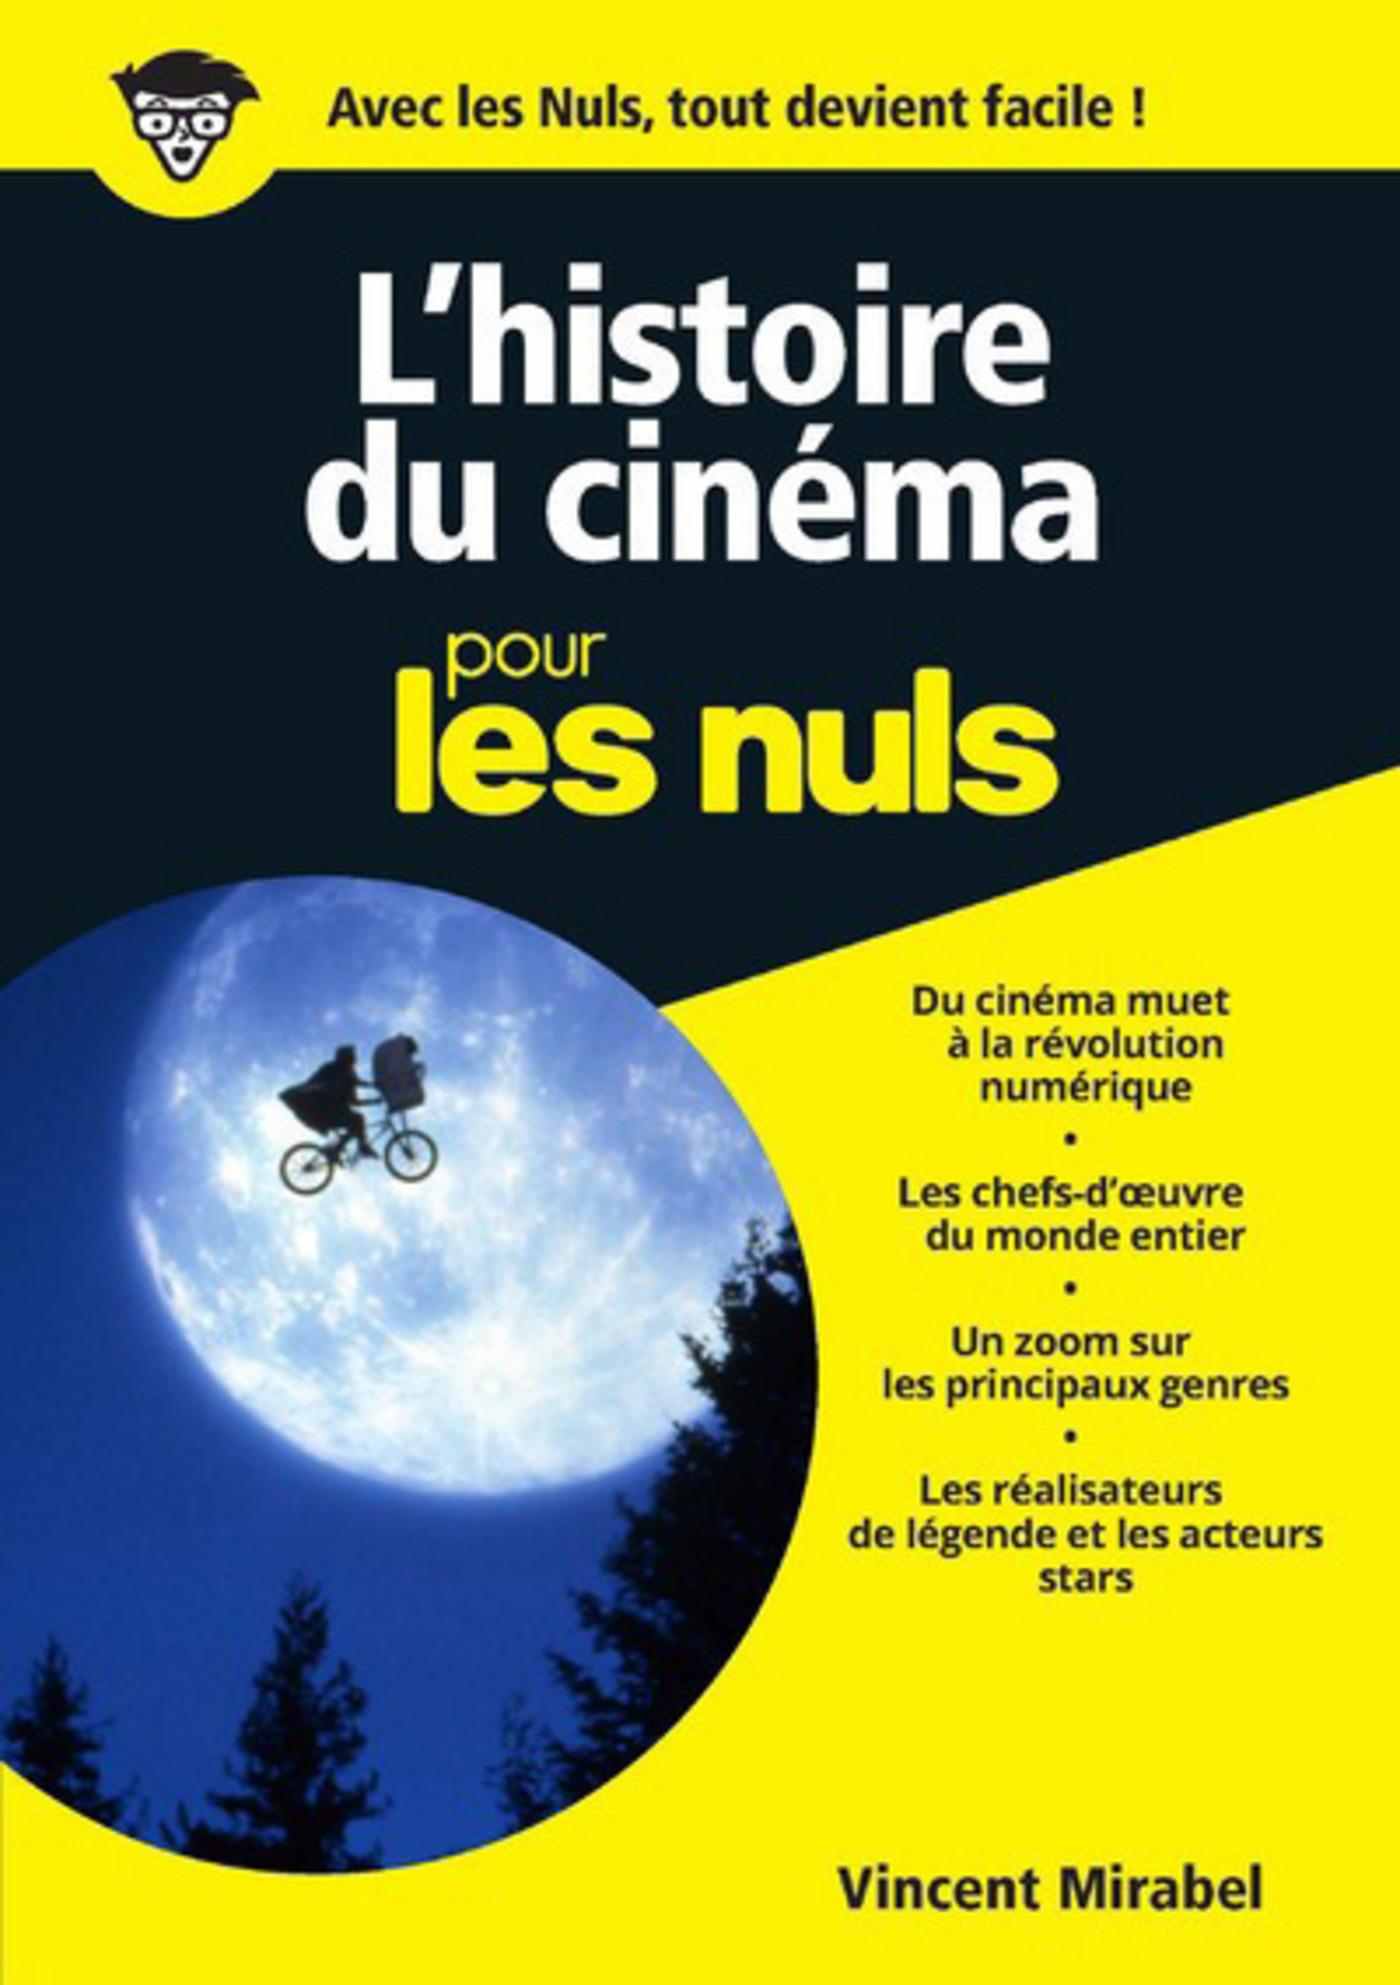 L'Histoire du cinéma illustrée pour les Nuls, nelle édition